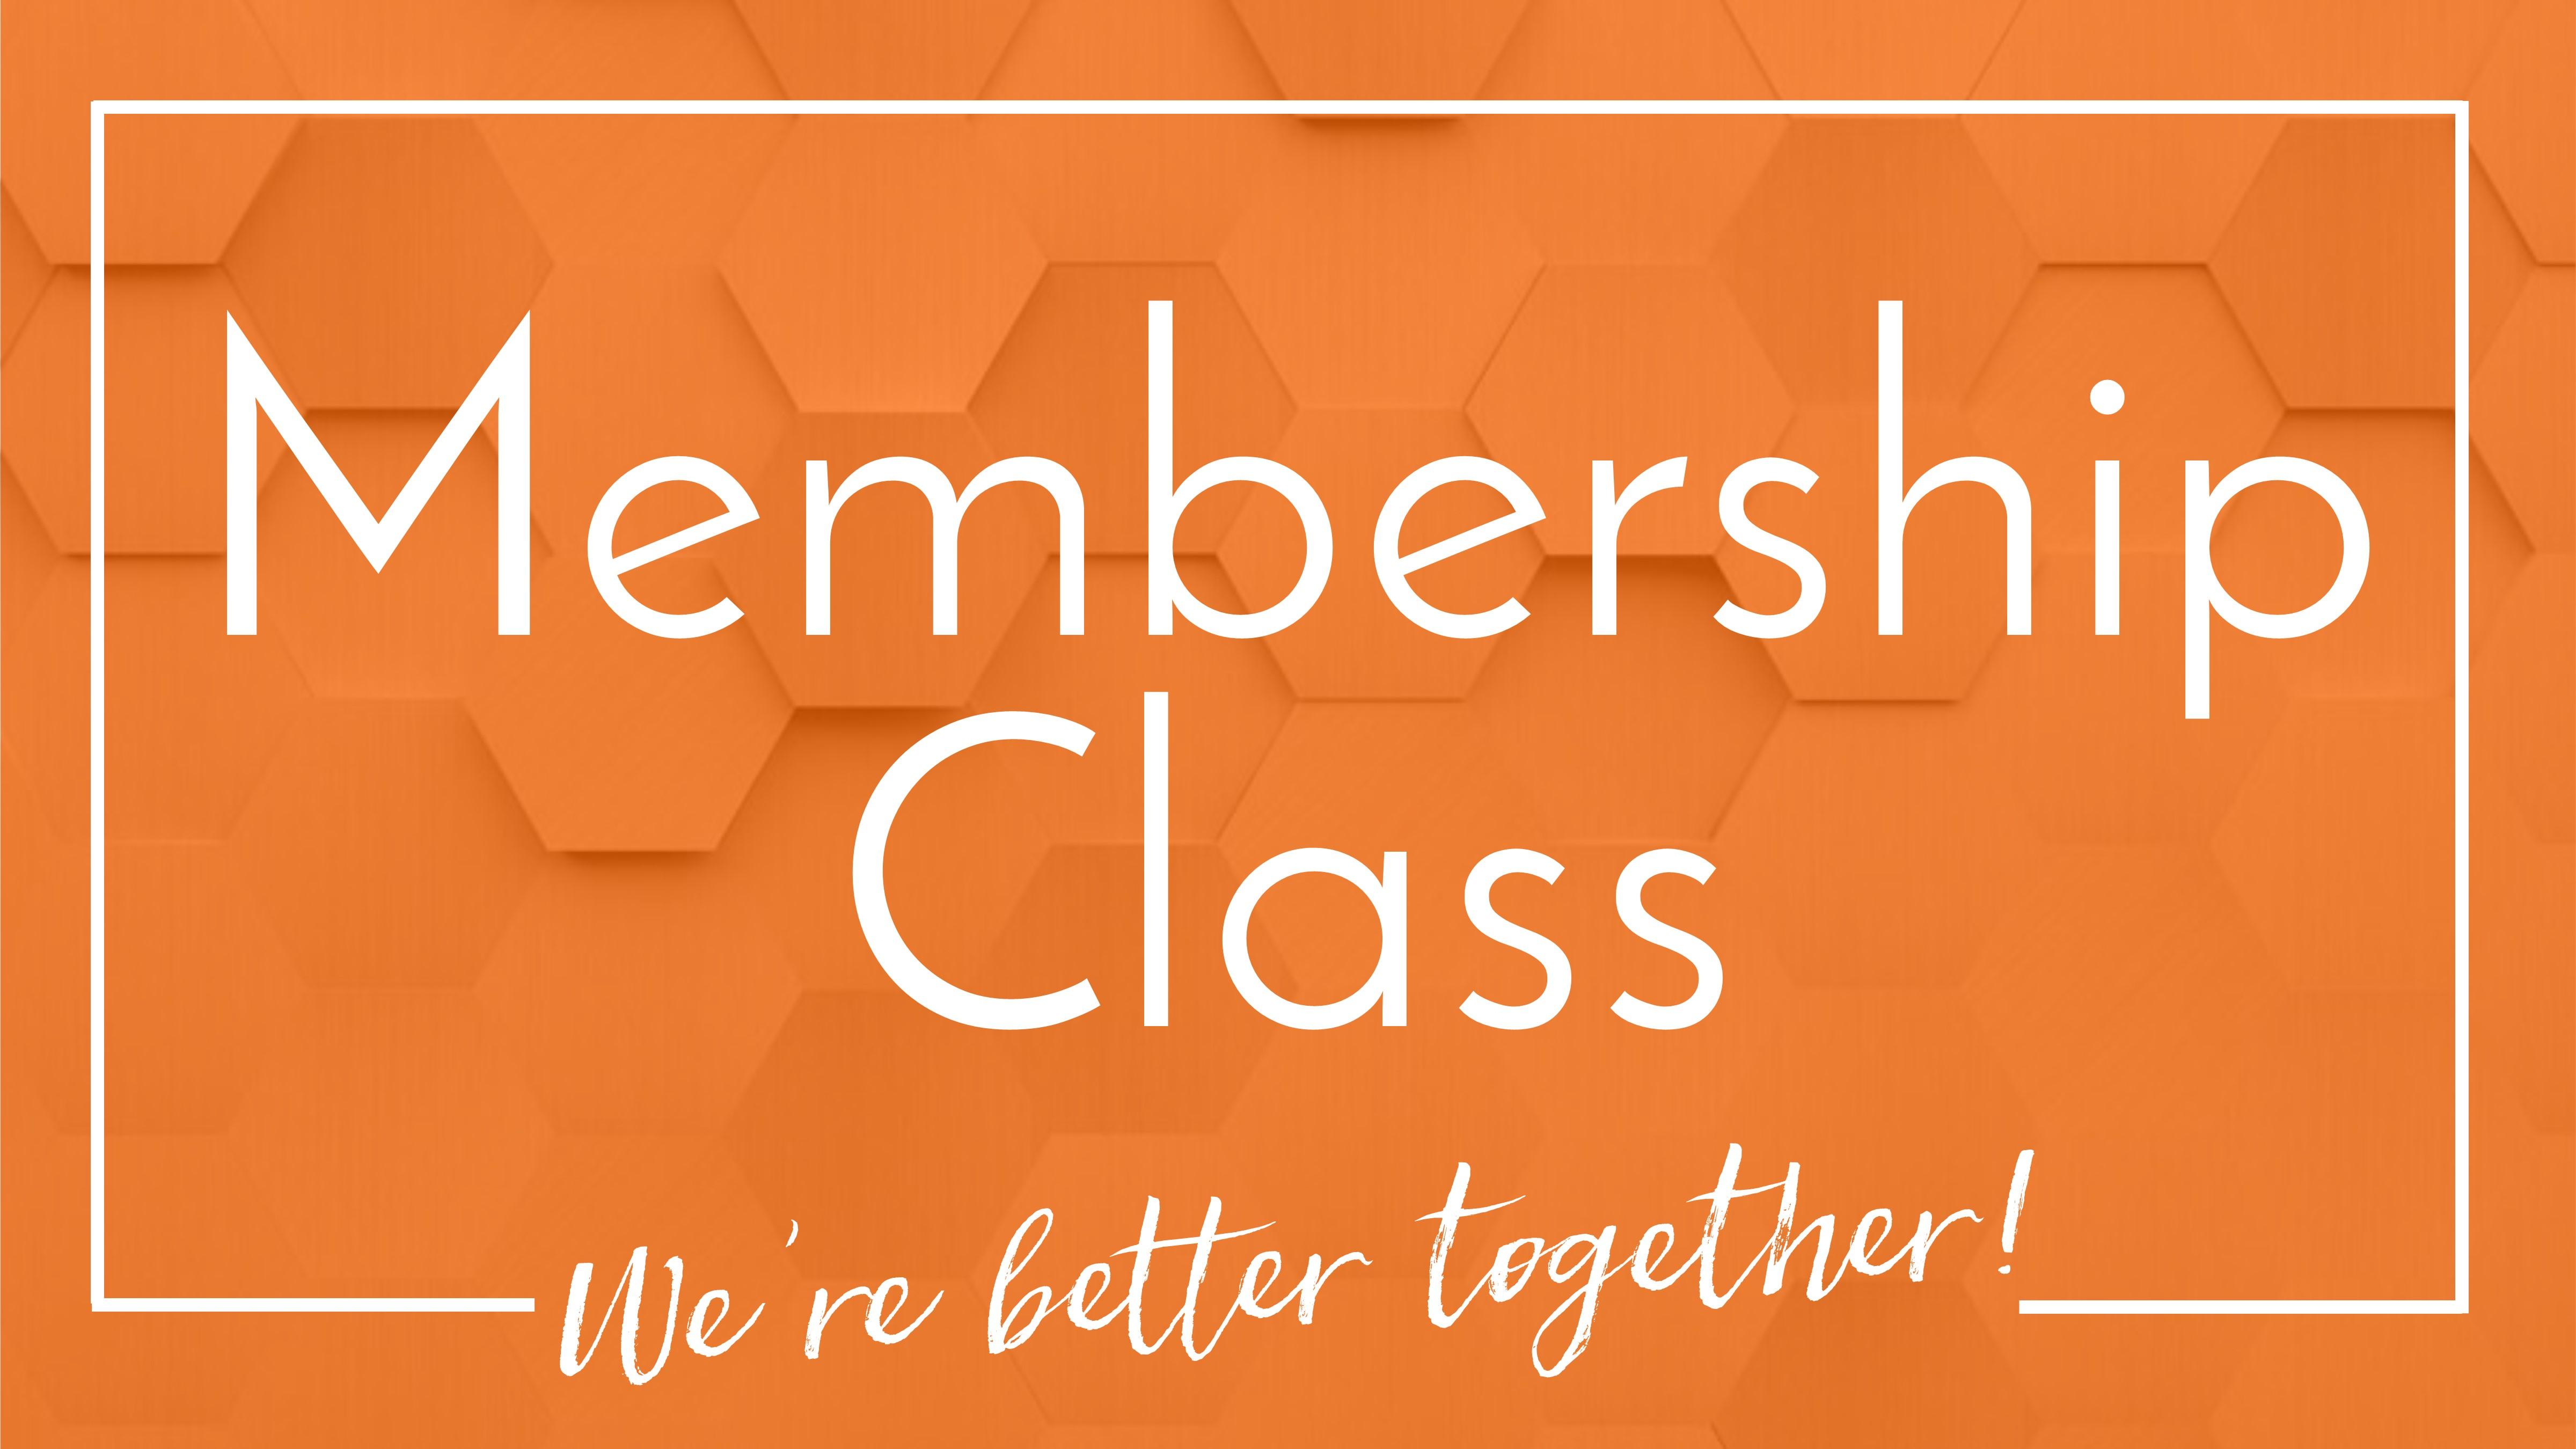 Membership class tab